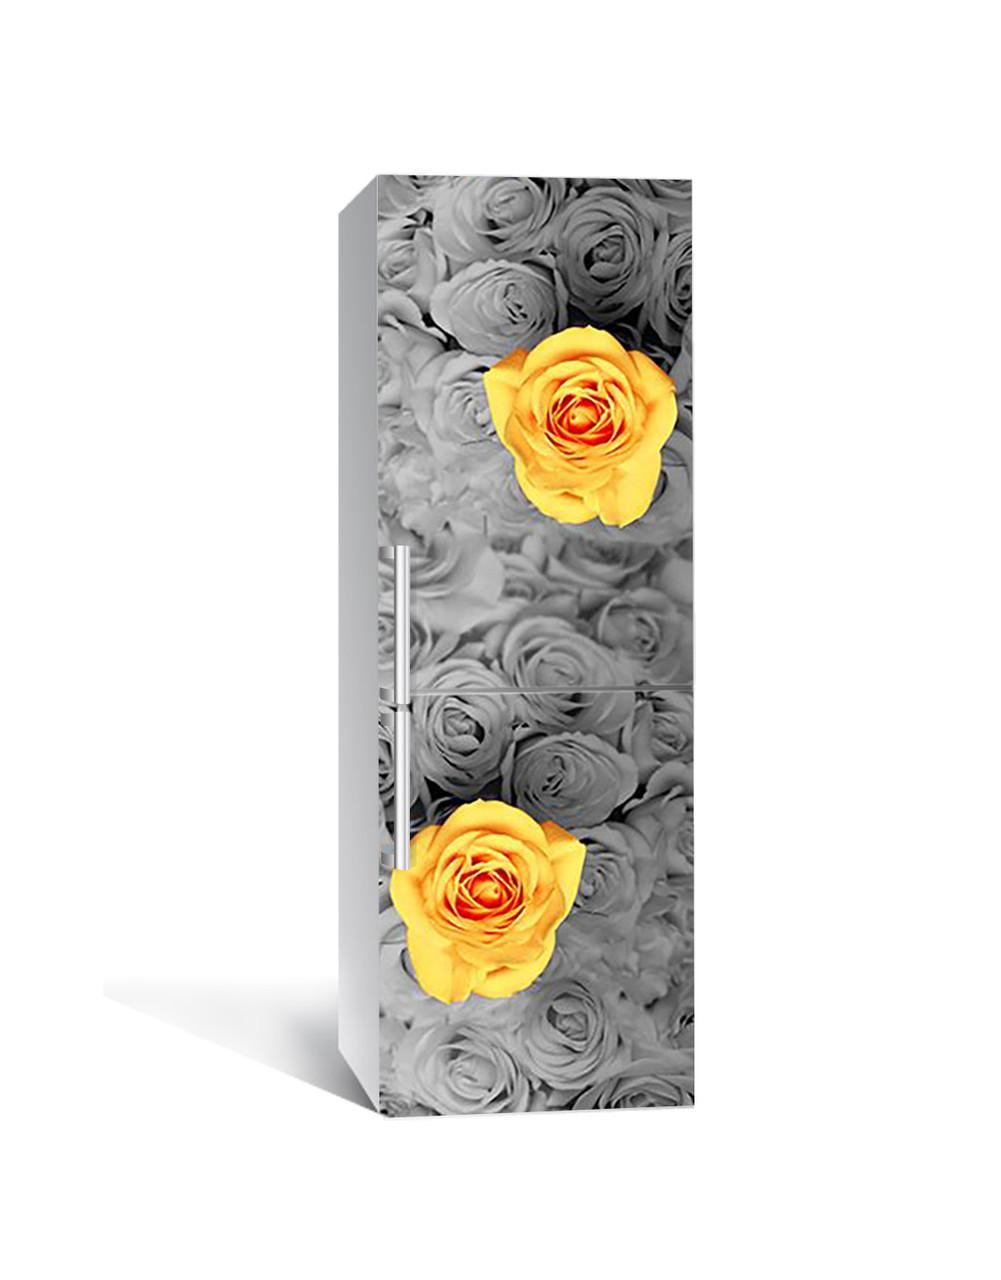 Виниловая 3Д наклейка на холодильник Бутоны Желтые Розы (самоклеющаяся пленка ПВХ) Цветы Серый 650*2000 мм